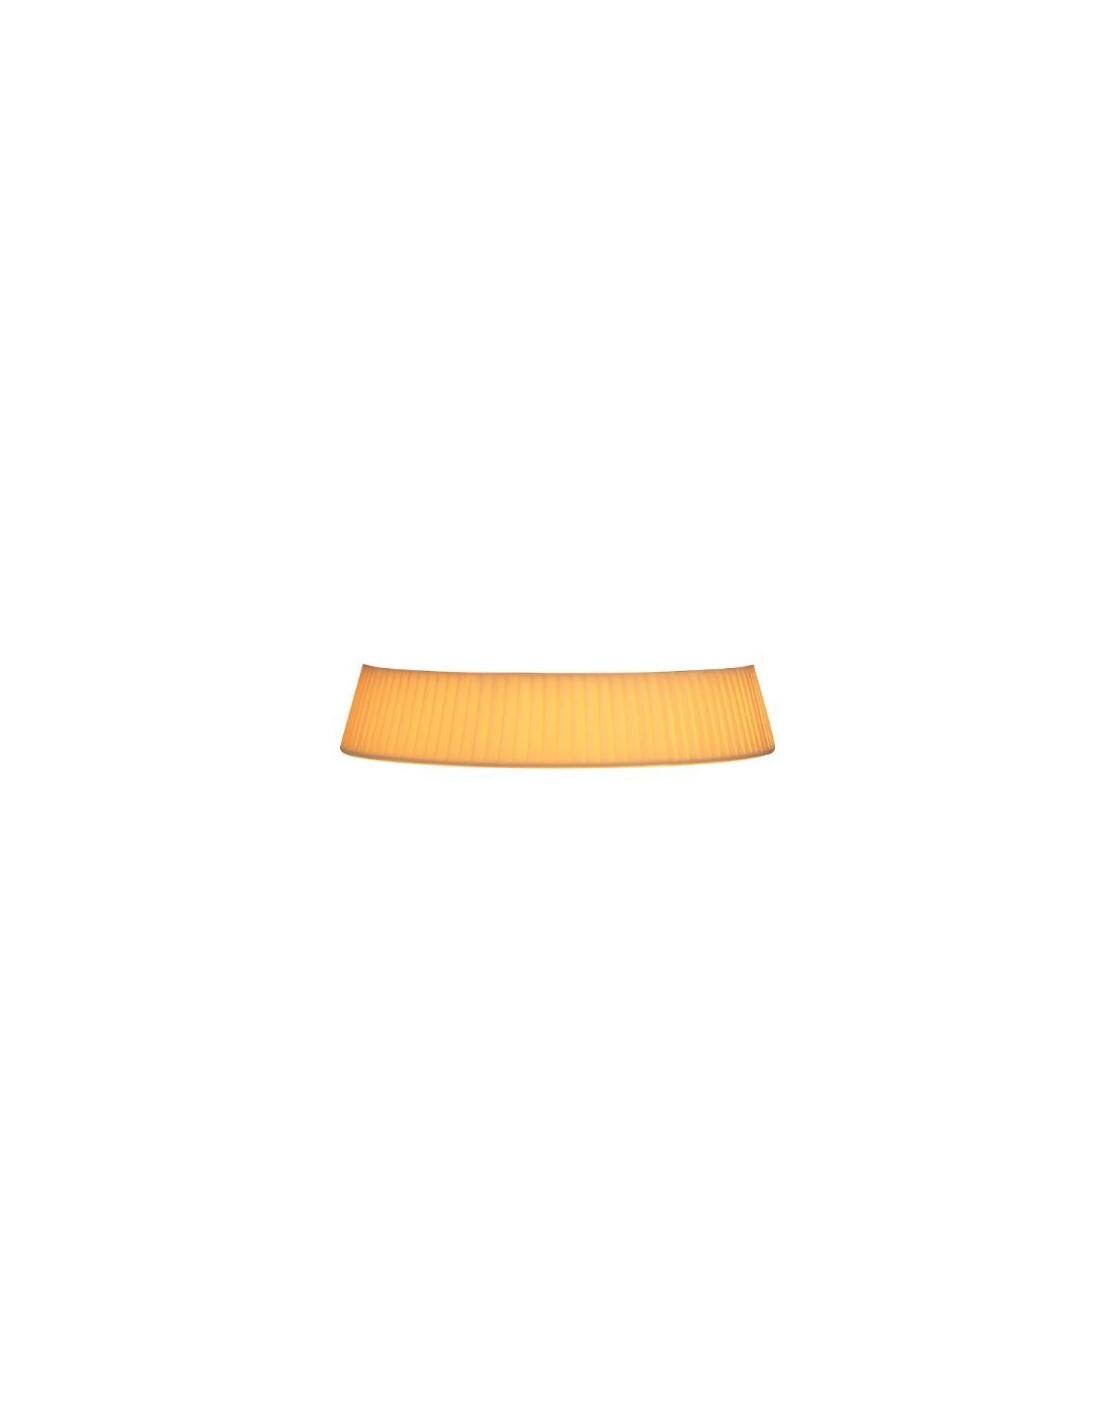 abat jour en tissu pour lampe bon jour philippe starck de flos. Black Bedroom Furniture Sets. Home Design Ideas